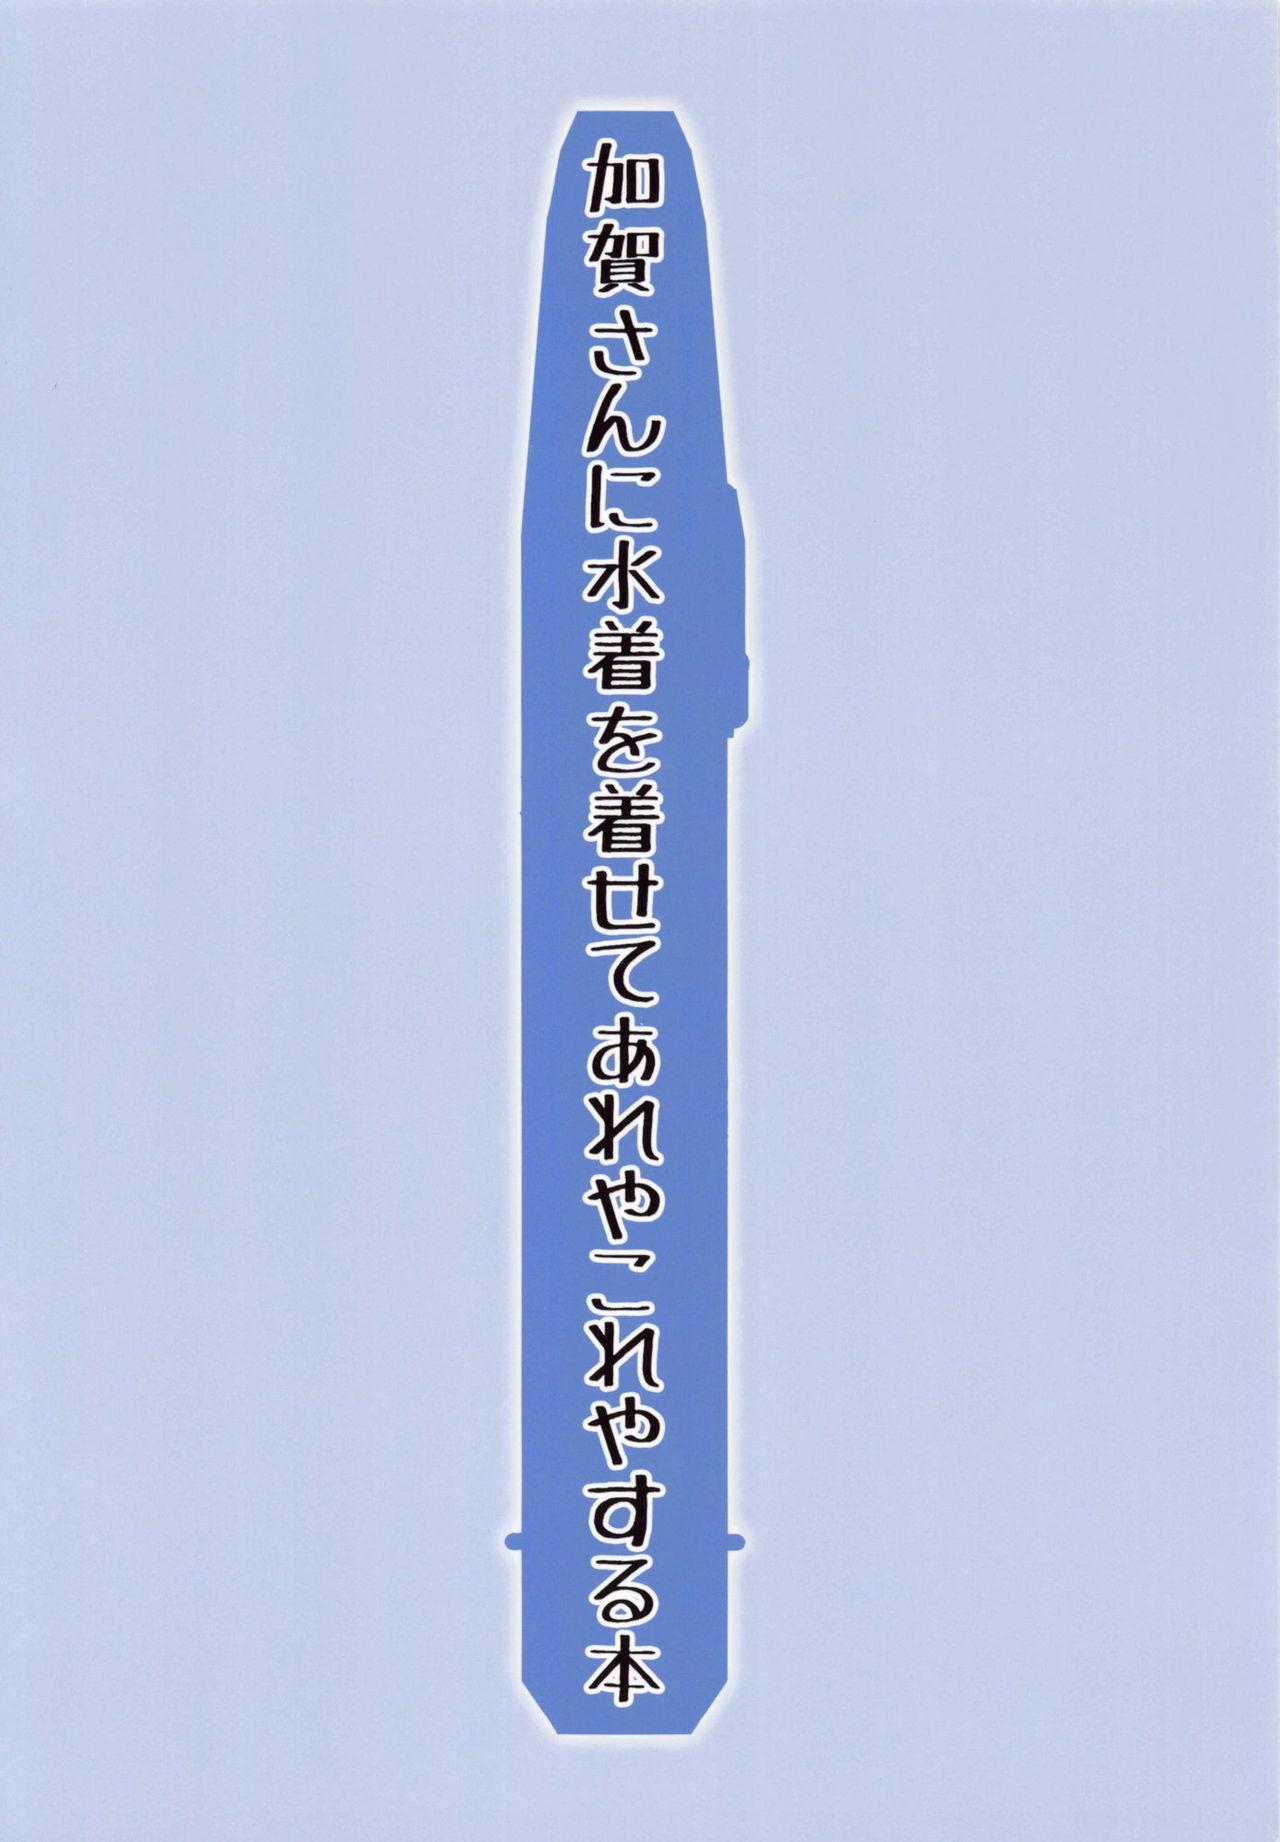 Kaga-san ni Mizugi o Kisete Areyakoreyasuru Hon 17